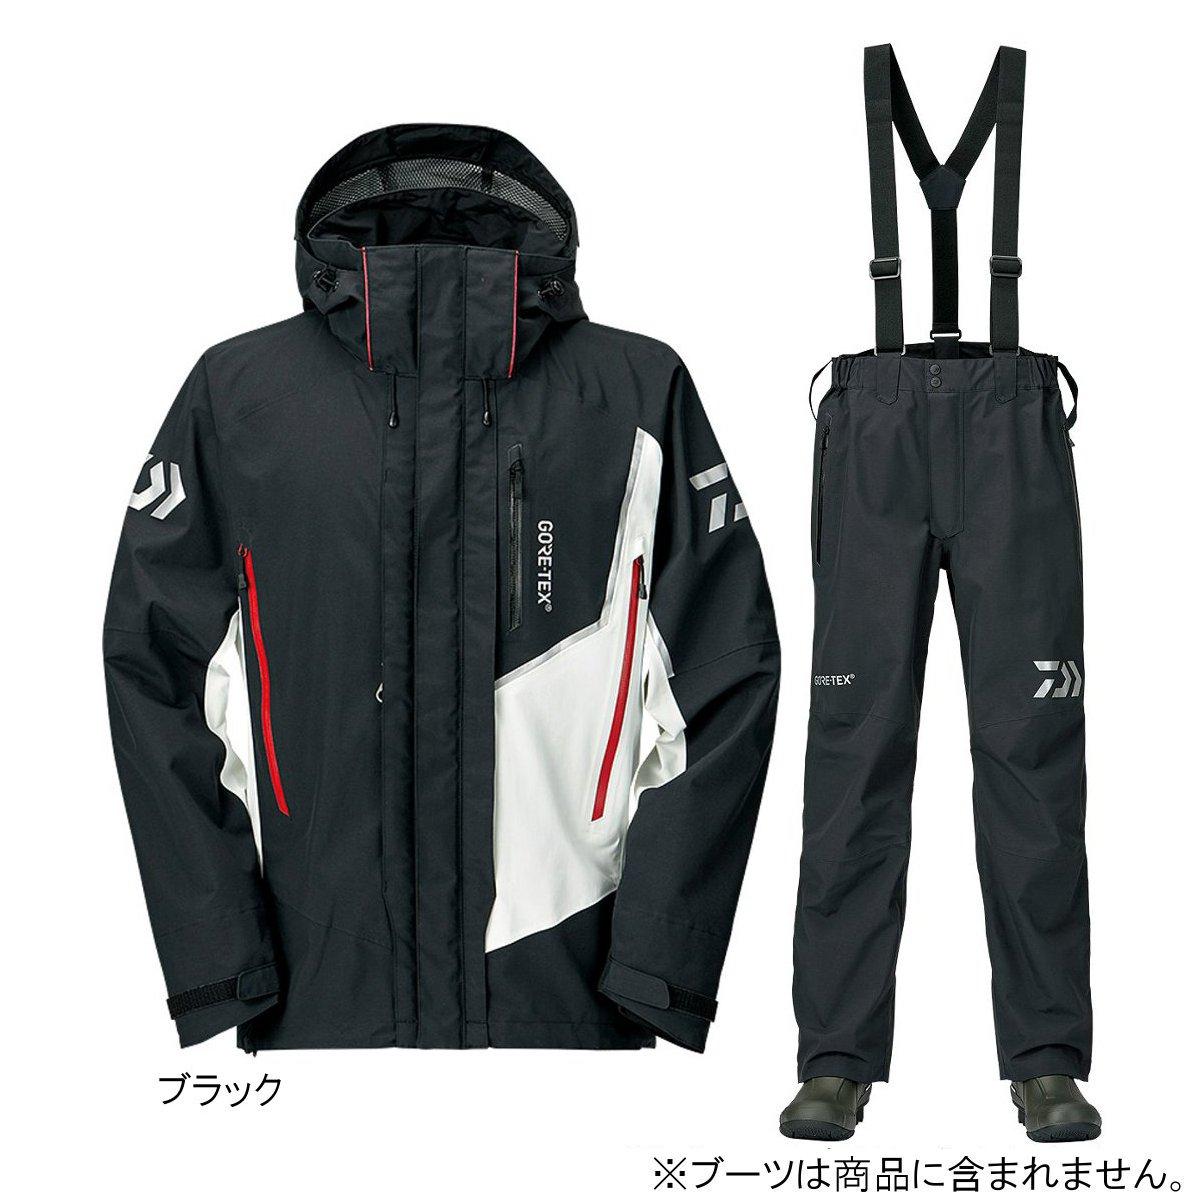 ダイワ ゴアテックス プロダクト コンビアップレインスーツ DR-18009 XL ブラック(東日本店)